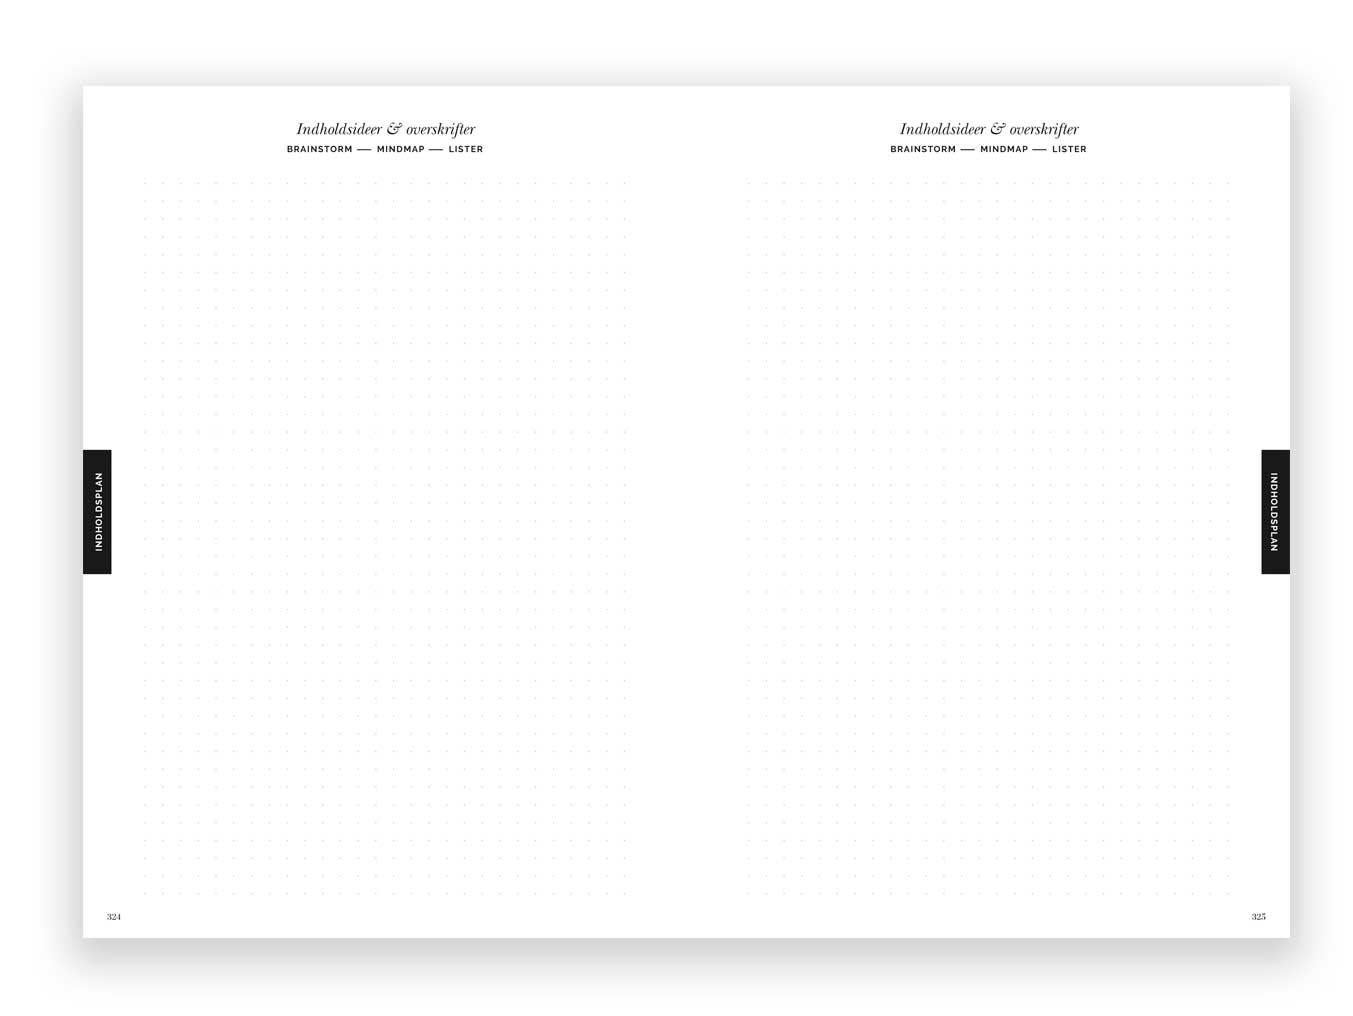 brainstorm-indholdsplan